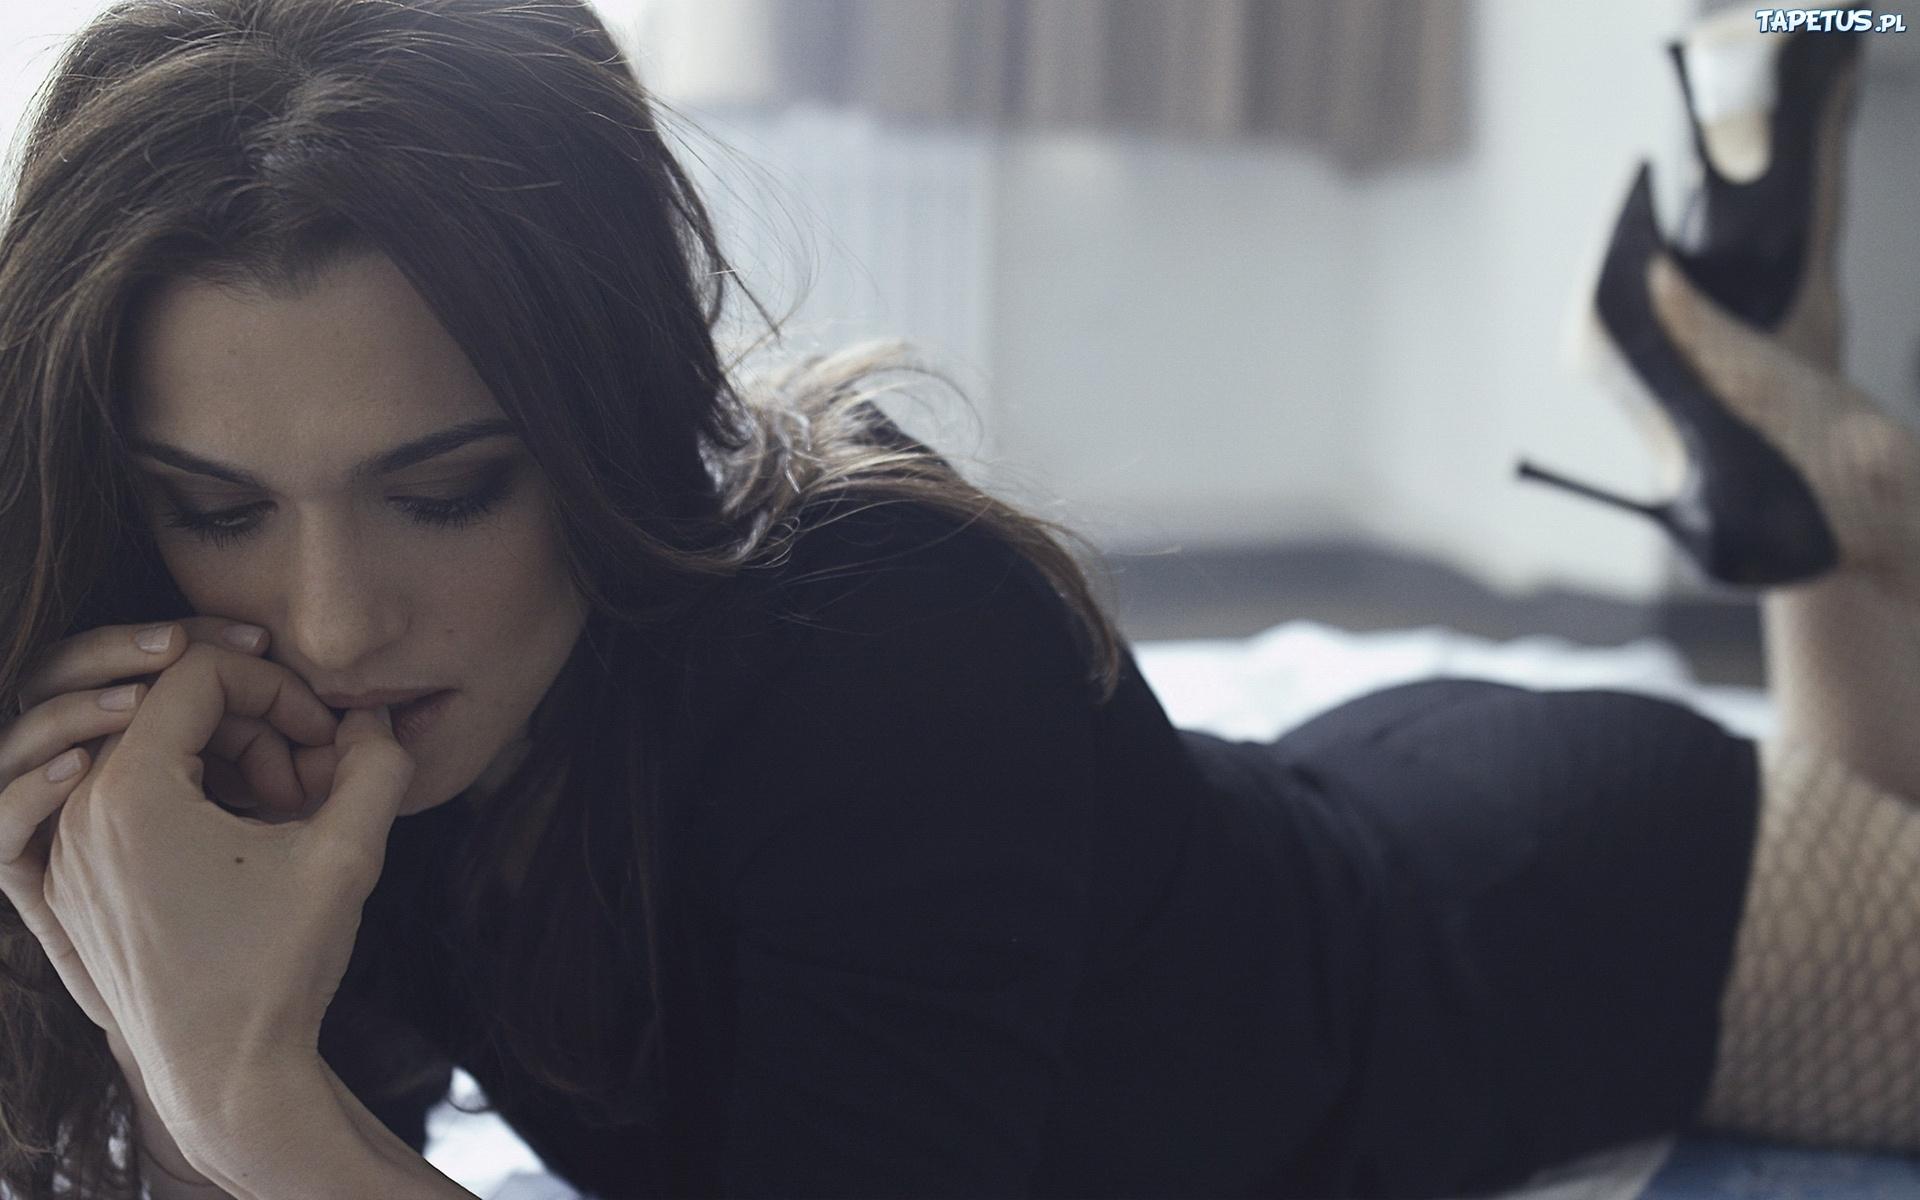 15 Przyczyn Tego że Kobiety Idą Do łóżka Z Innym Facetem